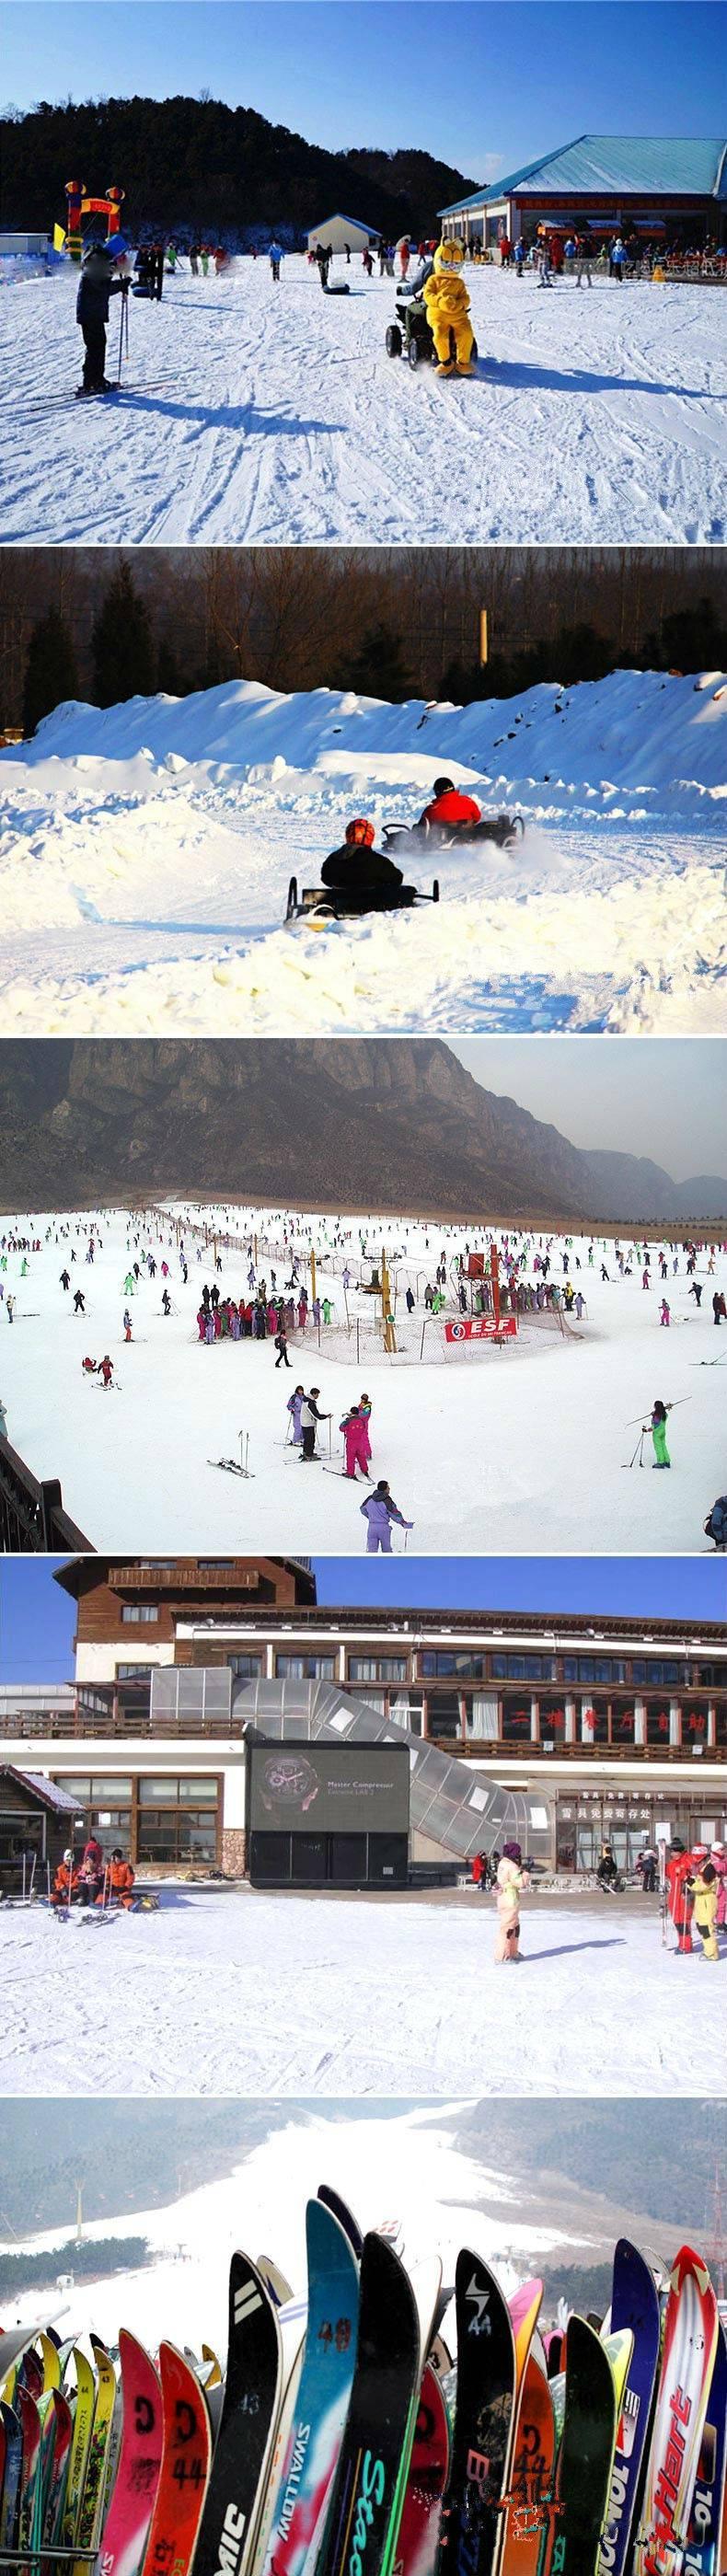 【北京】开板特惠--石京龙滑雪场周末全天滑雪票(12.1-12.2) 开抢啦!!!